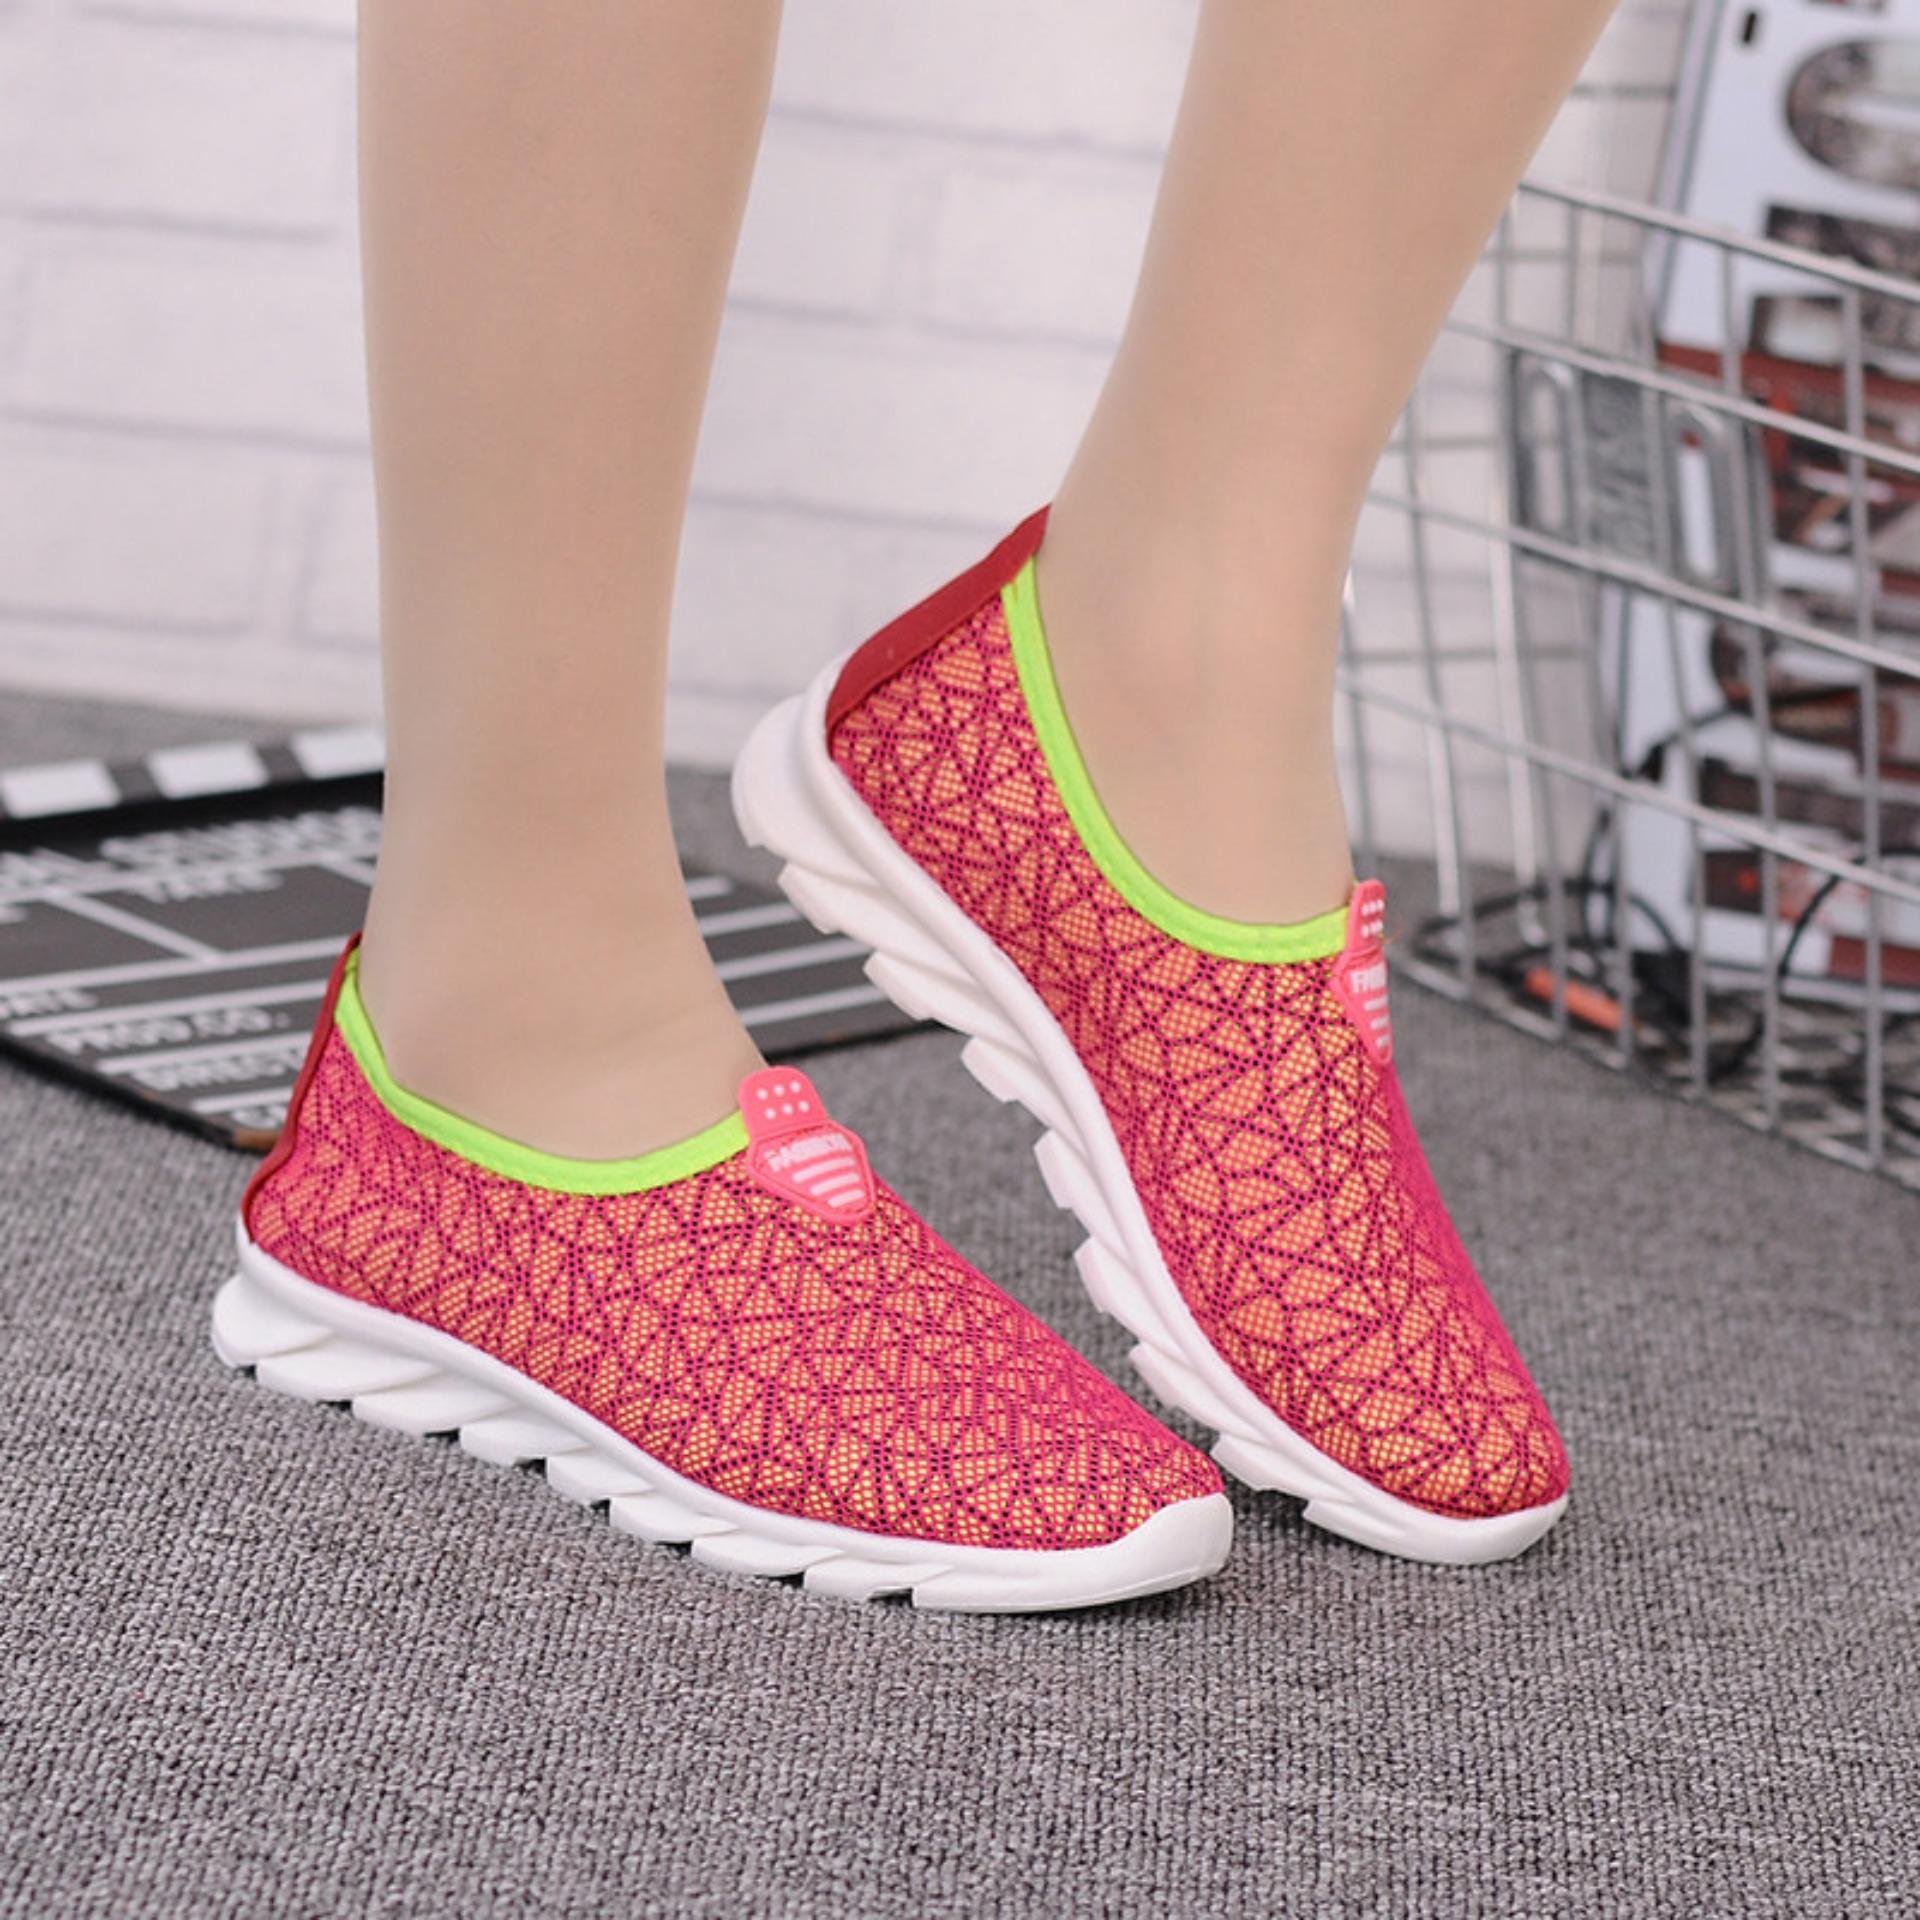 Sepatu Import Jaring - Sepatu Korea Pria Wanita Warna Pink .